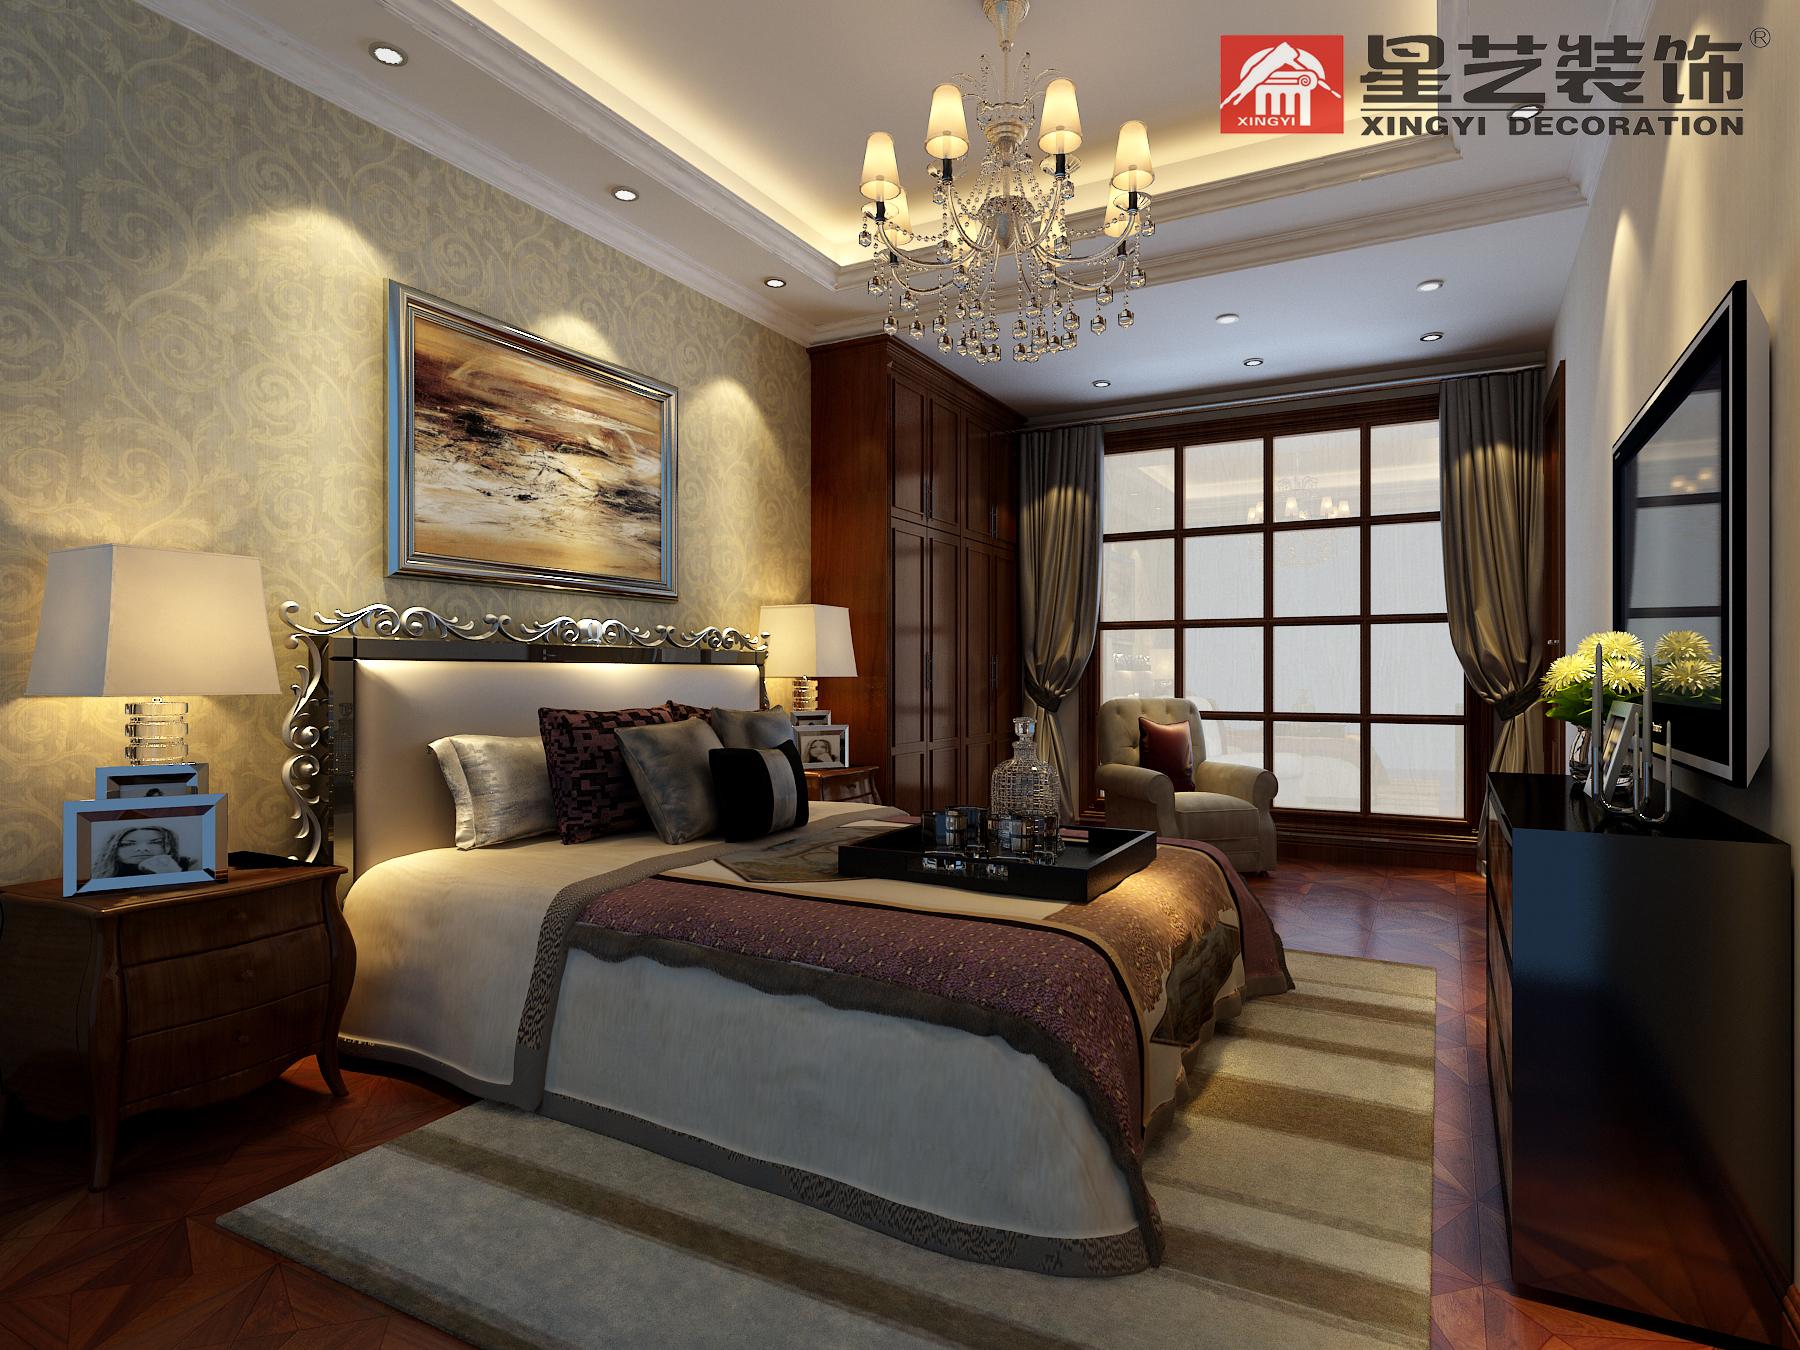 别墅 中式 星艺装饰 新古典 卧室图片来自星艺装饰在贵州在星艺装饰·别墅设计的分享